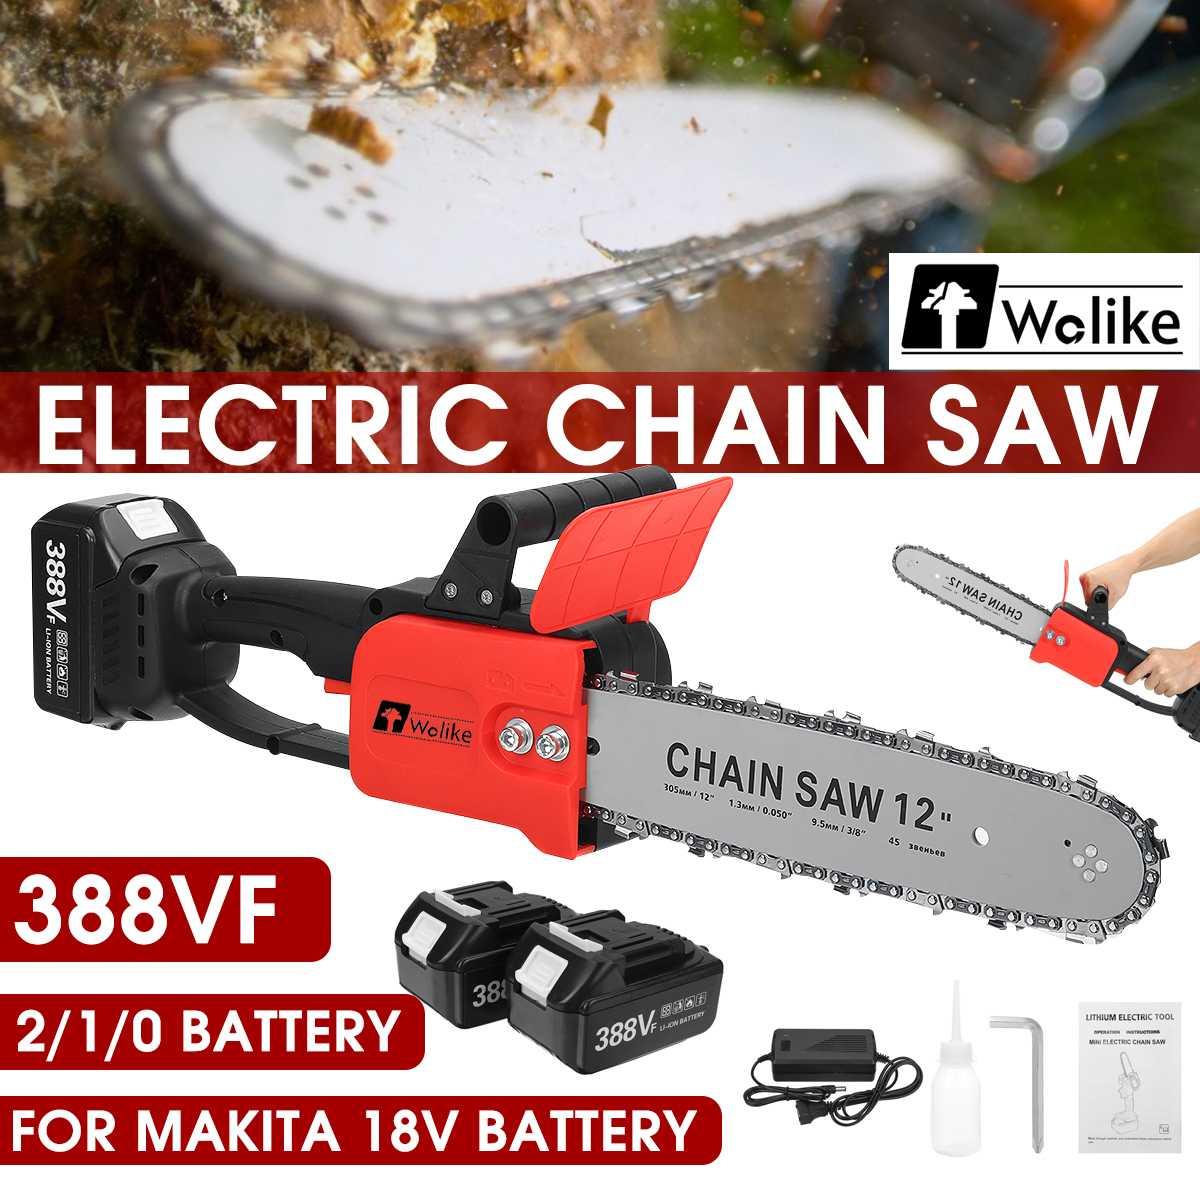 3500 واط 388VF 12 بوصة منشار كهربائي صغير بالمنشار حديقة شجرة تسجيل المنشار أدوات النجارة قواطع الخشب لبطارية Makiita 18 فولت